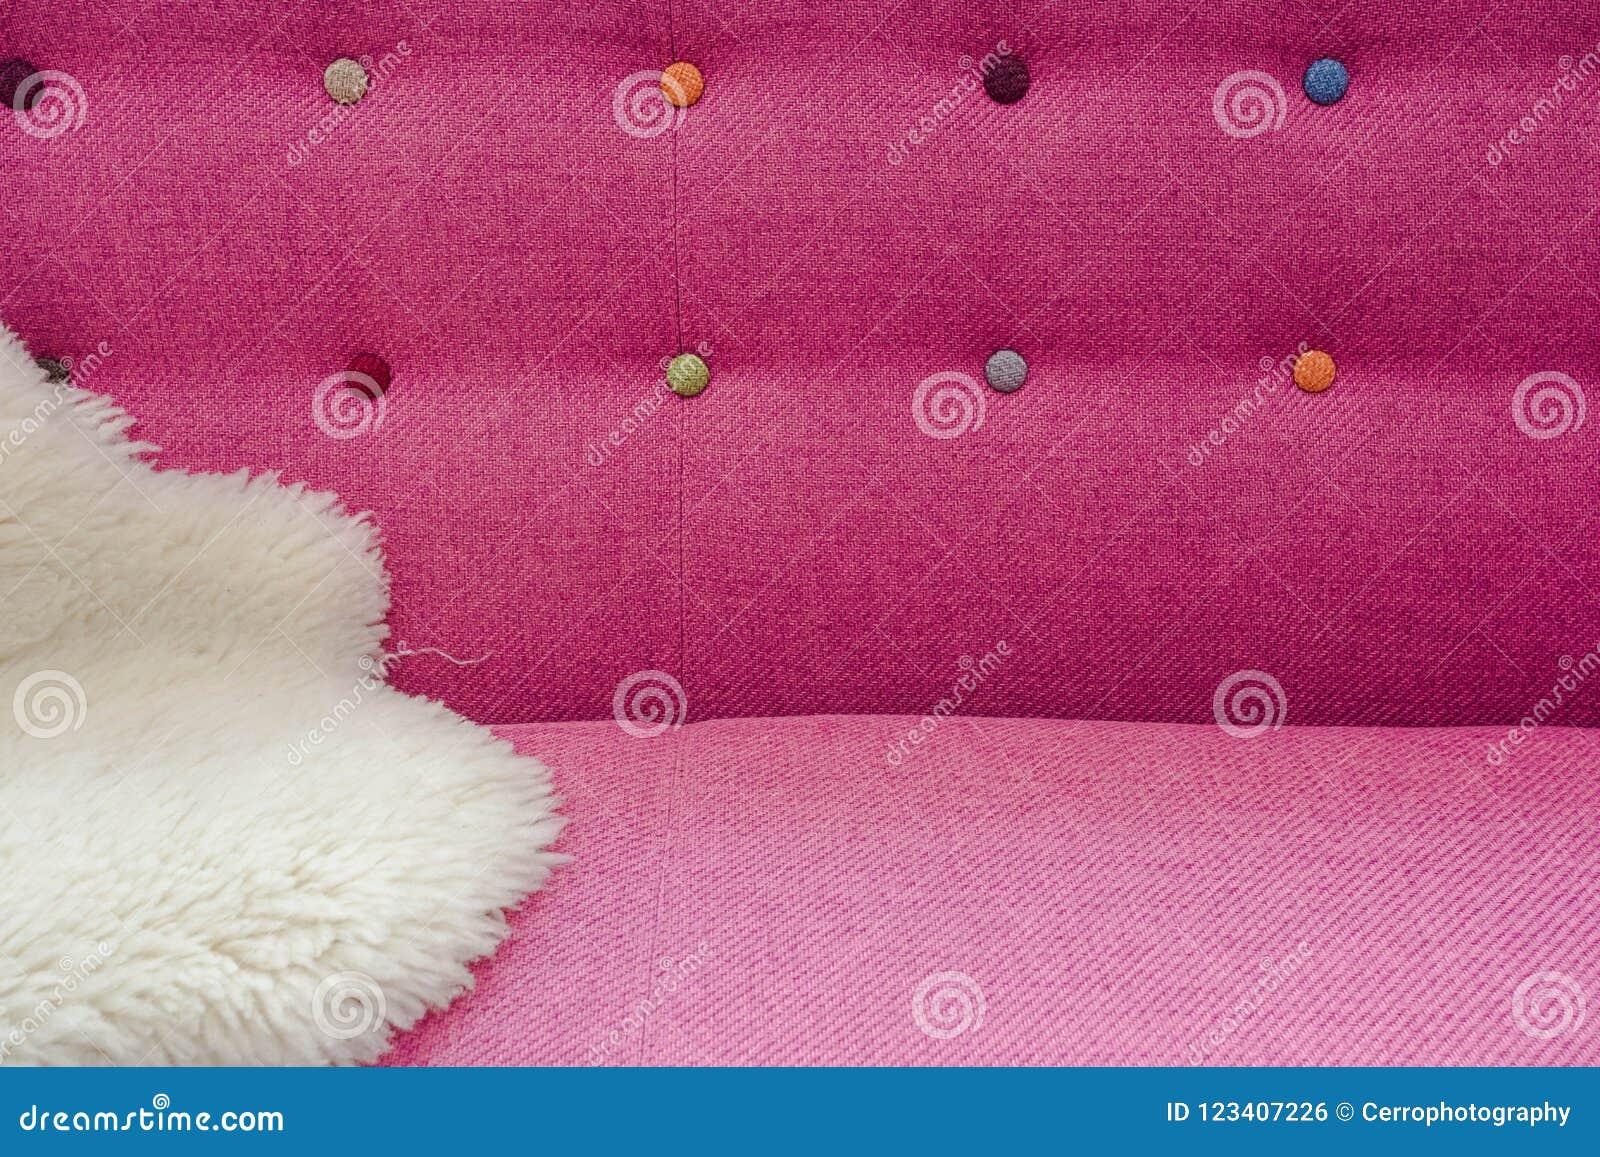 Feche acima do fundo da cabeceira macia com cores diferentes dos cristais do cristal de rocha, vista dianteira da cama de veludo